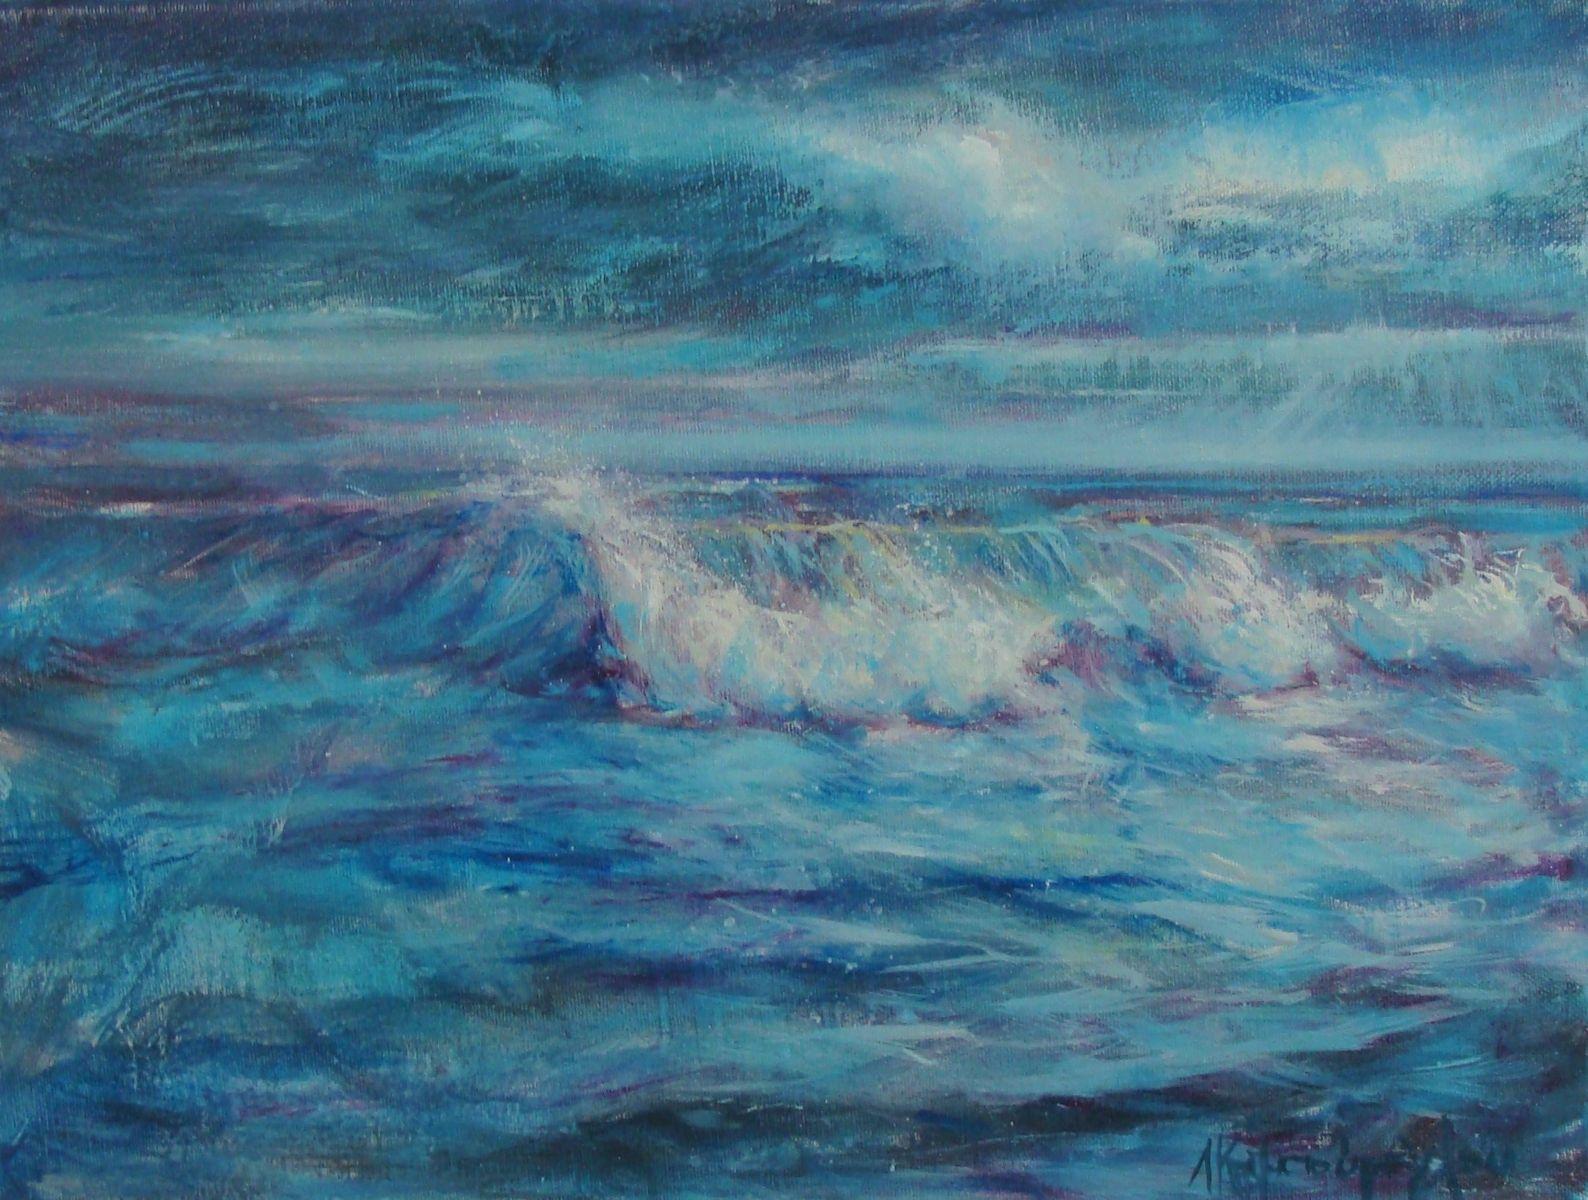 Λεωνίδας Καμπούρογλου 30×40 εκ. Ακρυλικά σε καμβά Leonidas Kambouroglou 30×40 cm Acrylics on canvas.jpeg